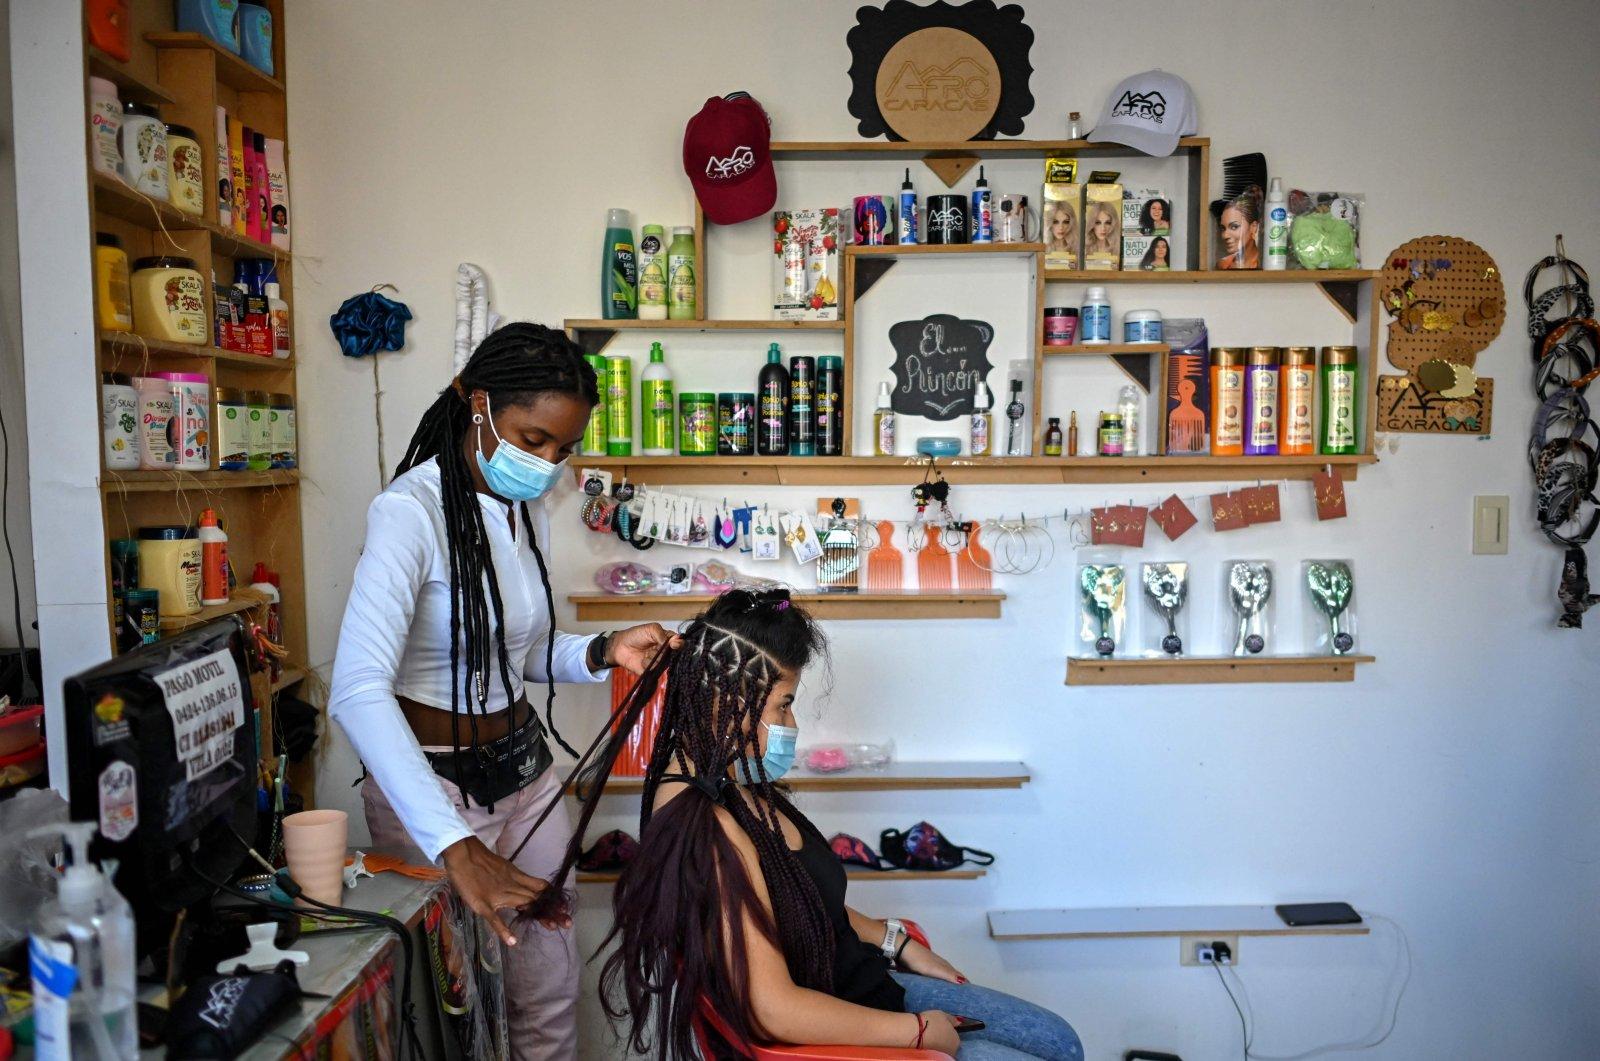 A hairdresser braids a customer's hair at a beauty salon, in downtown Caracas, Venezuela, Sept. 1, 2021. (AFP Photo)